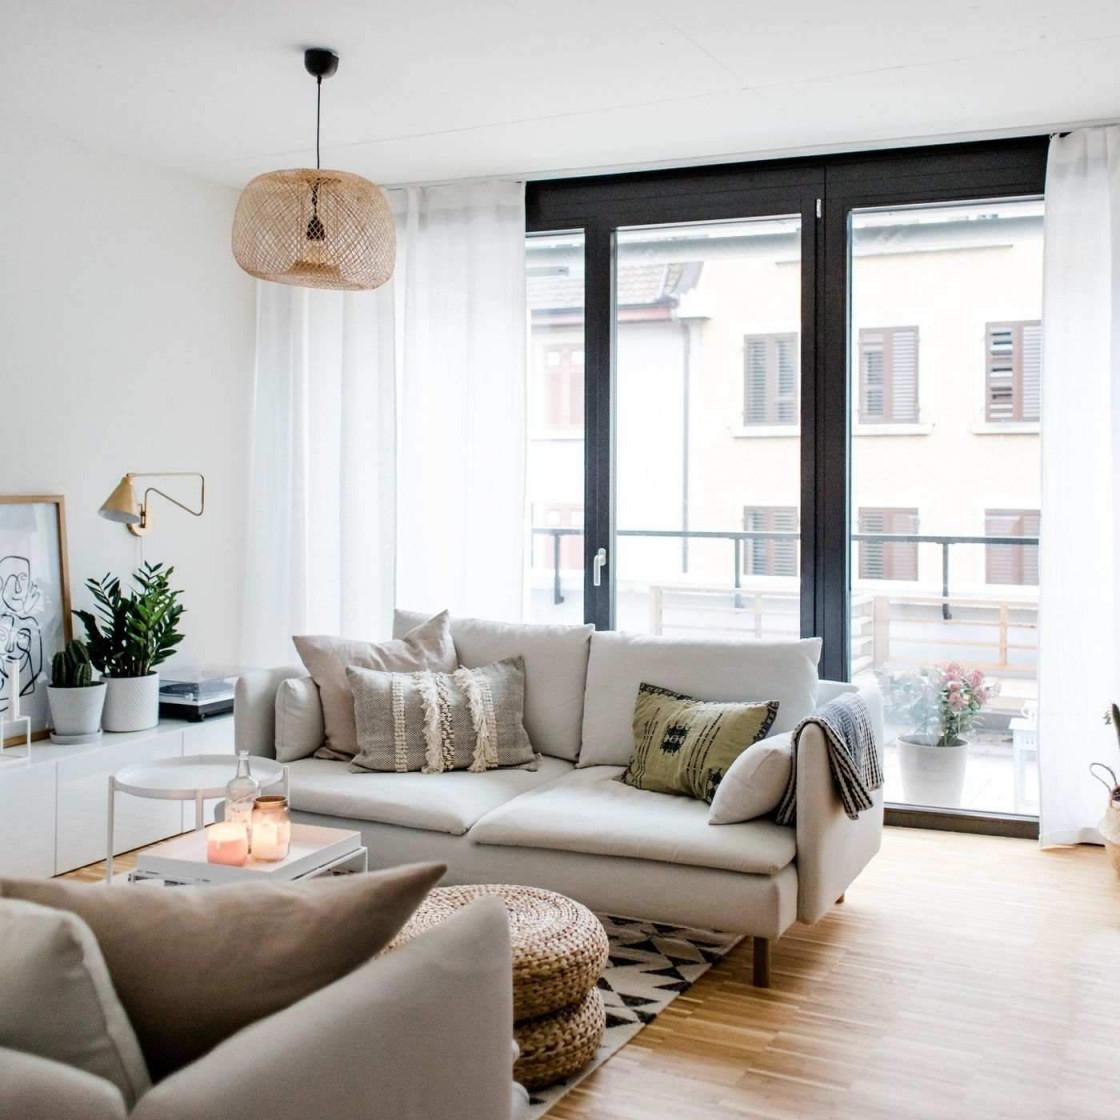 32 Luxus Kleine Wohnzimmer Modern Einrichten Genial von Modernes Wohnzimmer Einrichten Bild